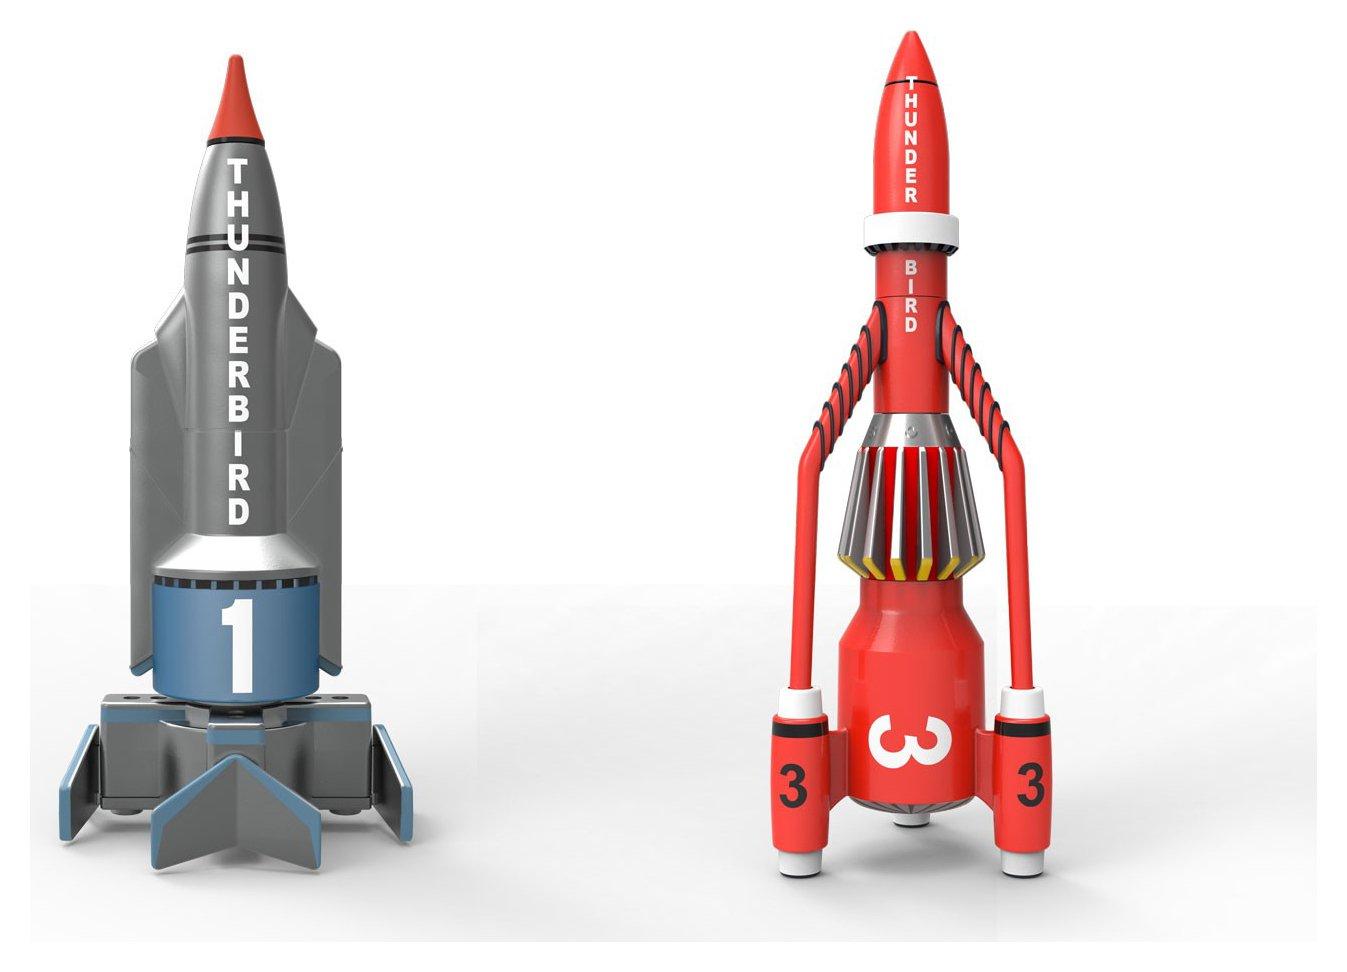 Thunderbirds TB1 and TB3.